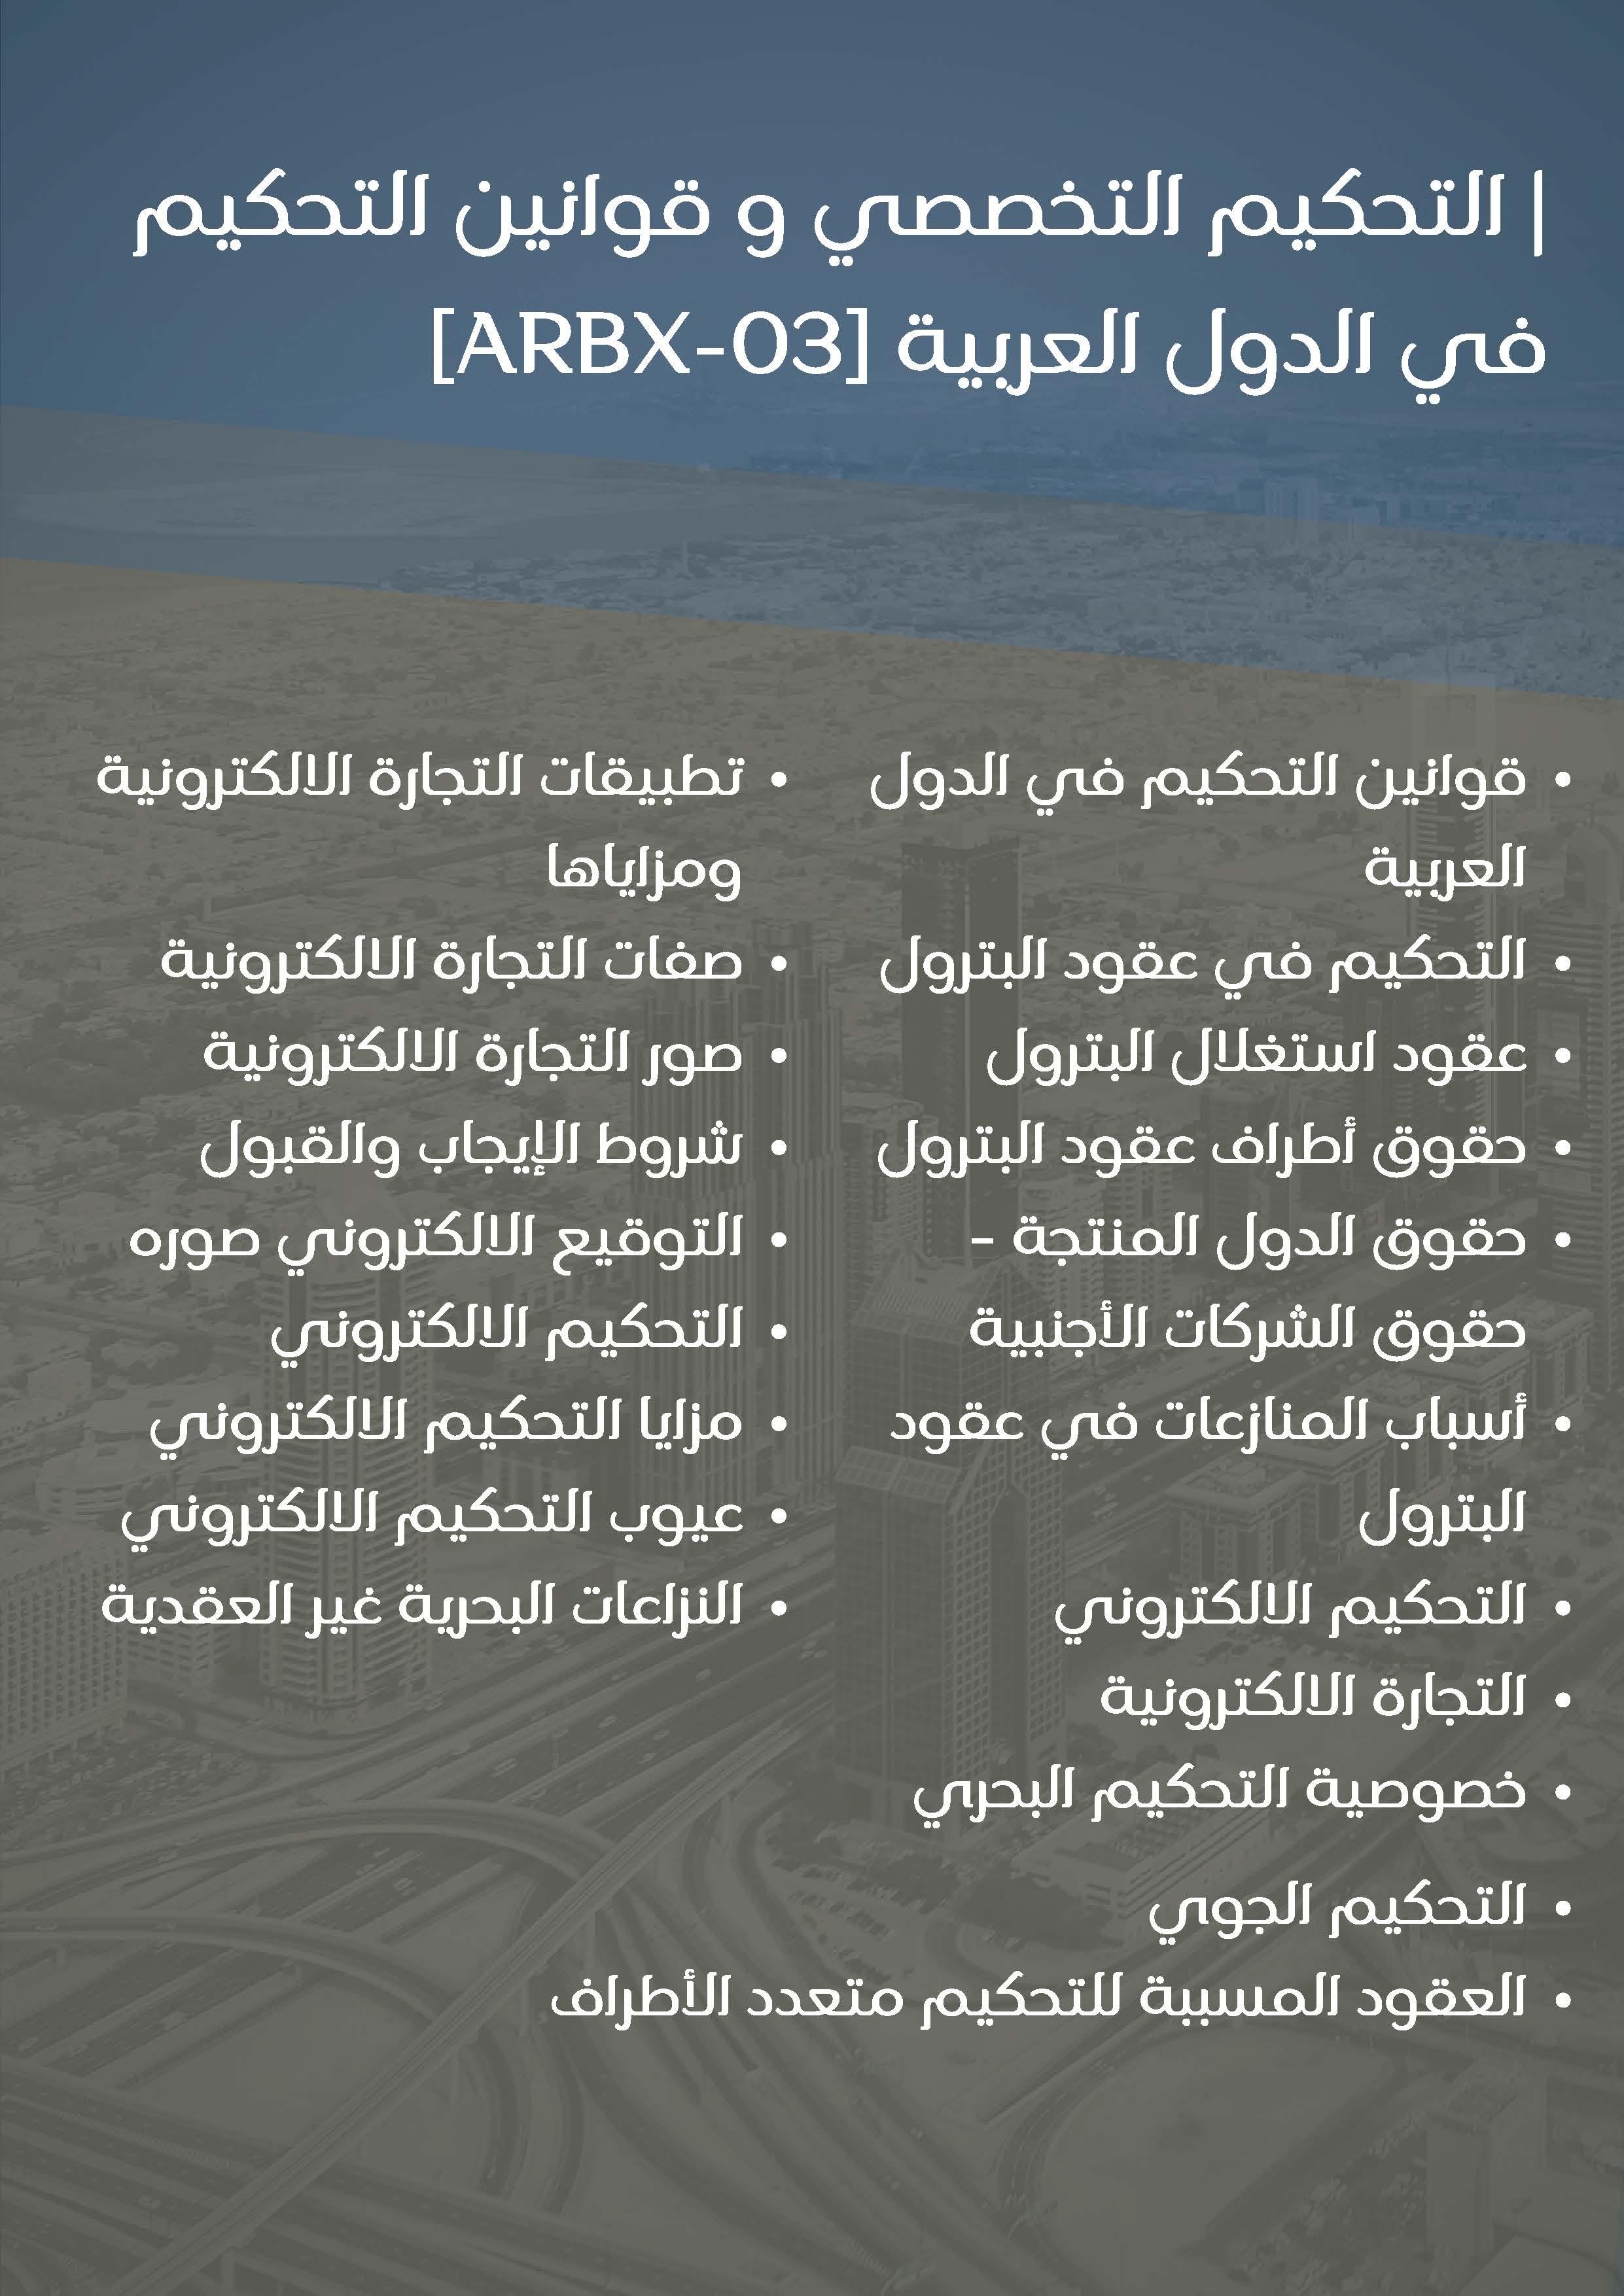 ARBX 03 التحكيم التخصصي و قوانين التحكيم في الدول العربية